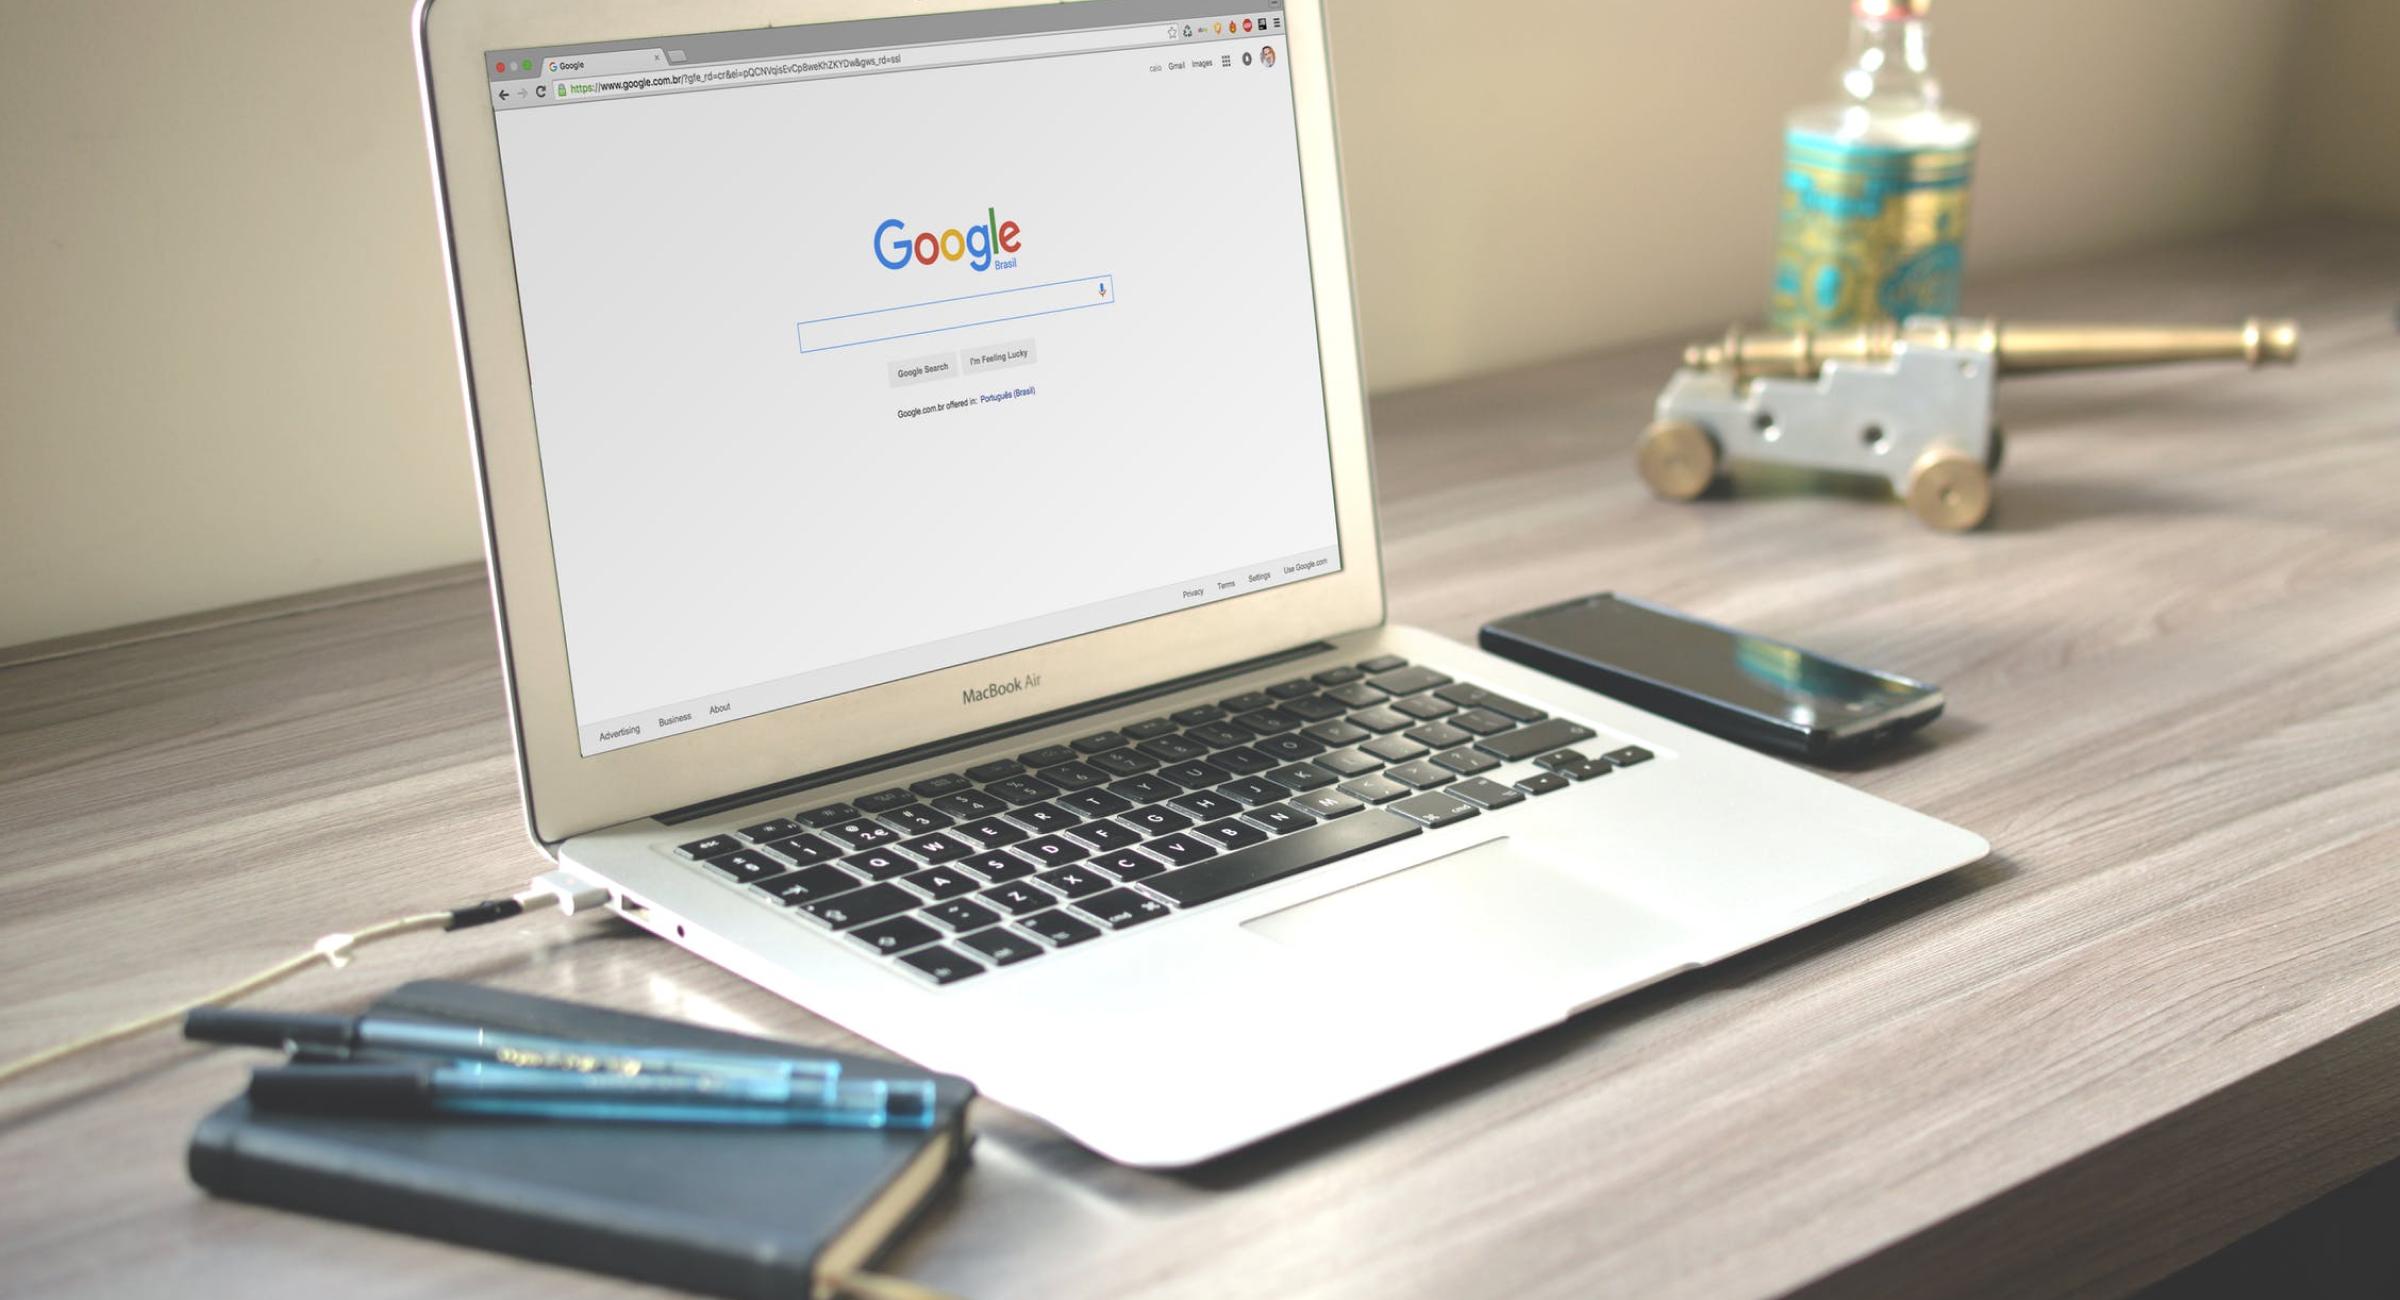 Google Chrome for Mac - Pros & Cons